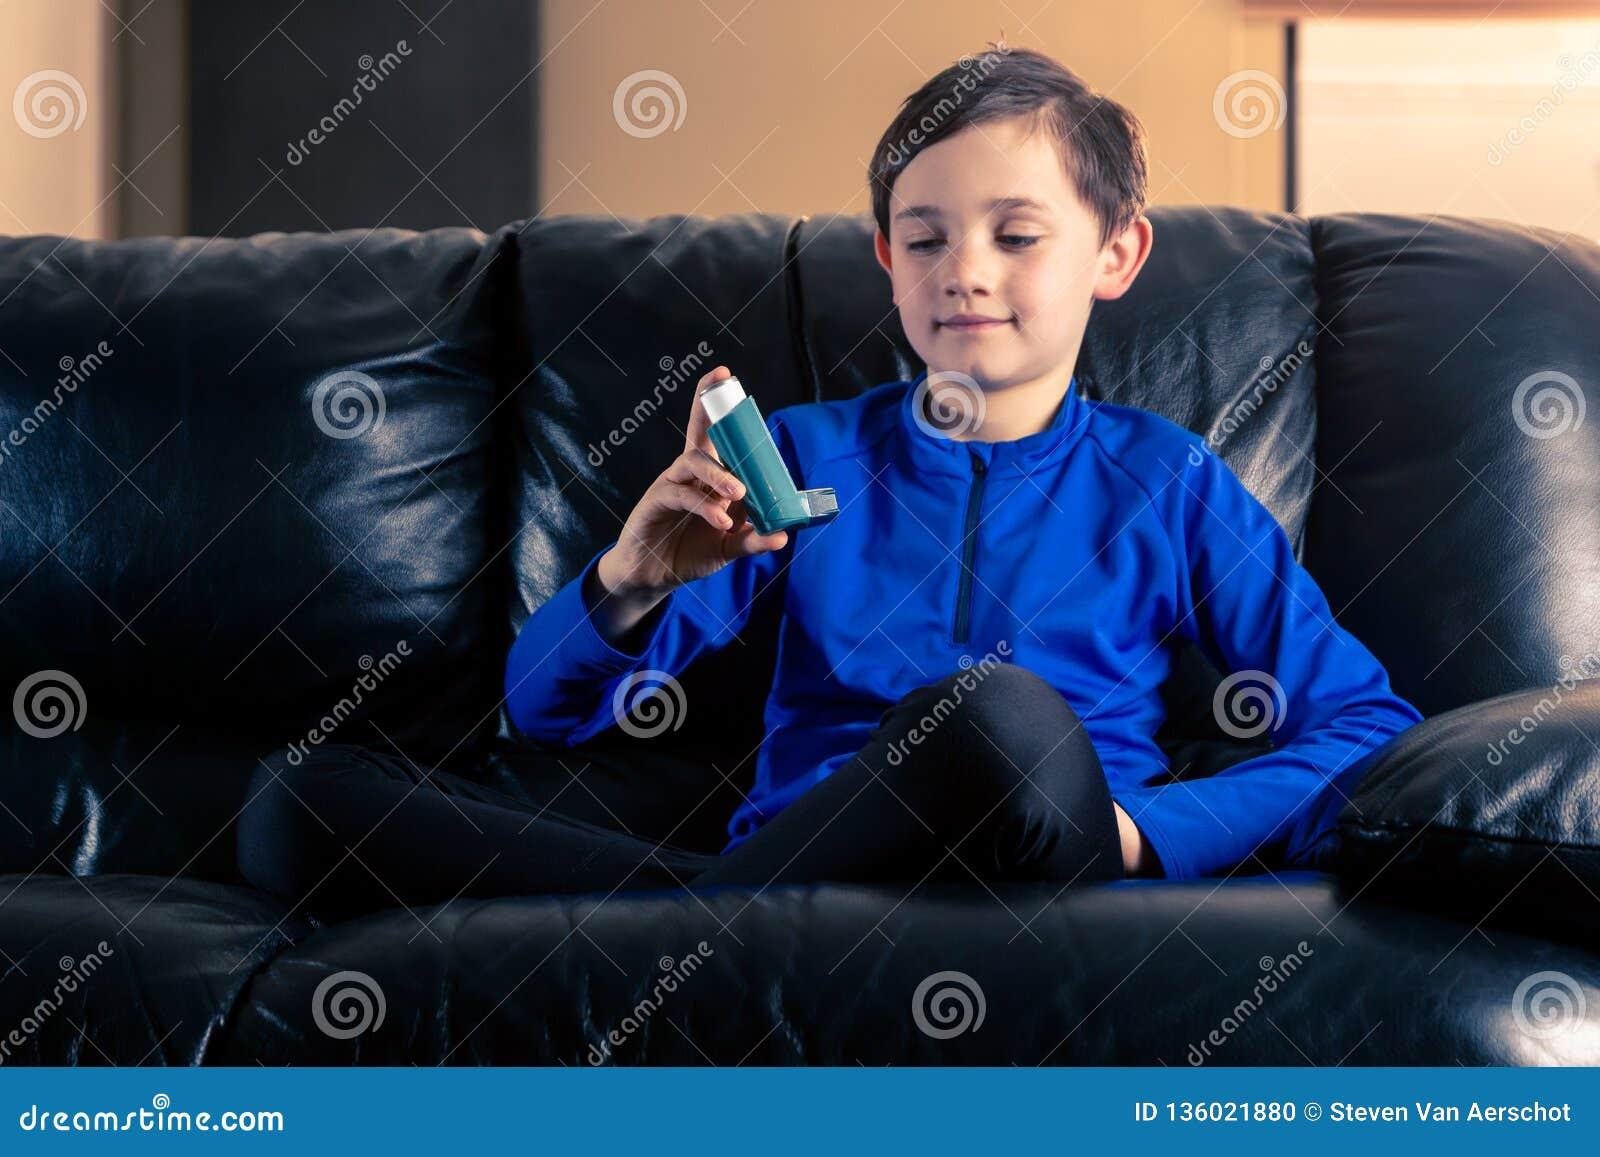 Weinig jongen die astmainhaleertoestel bekijken